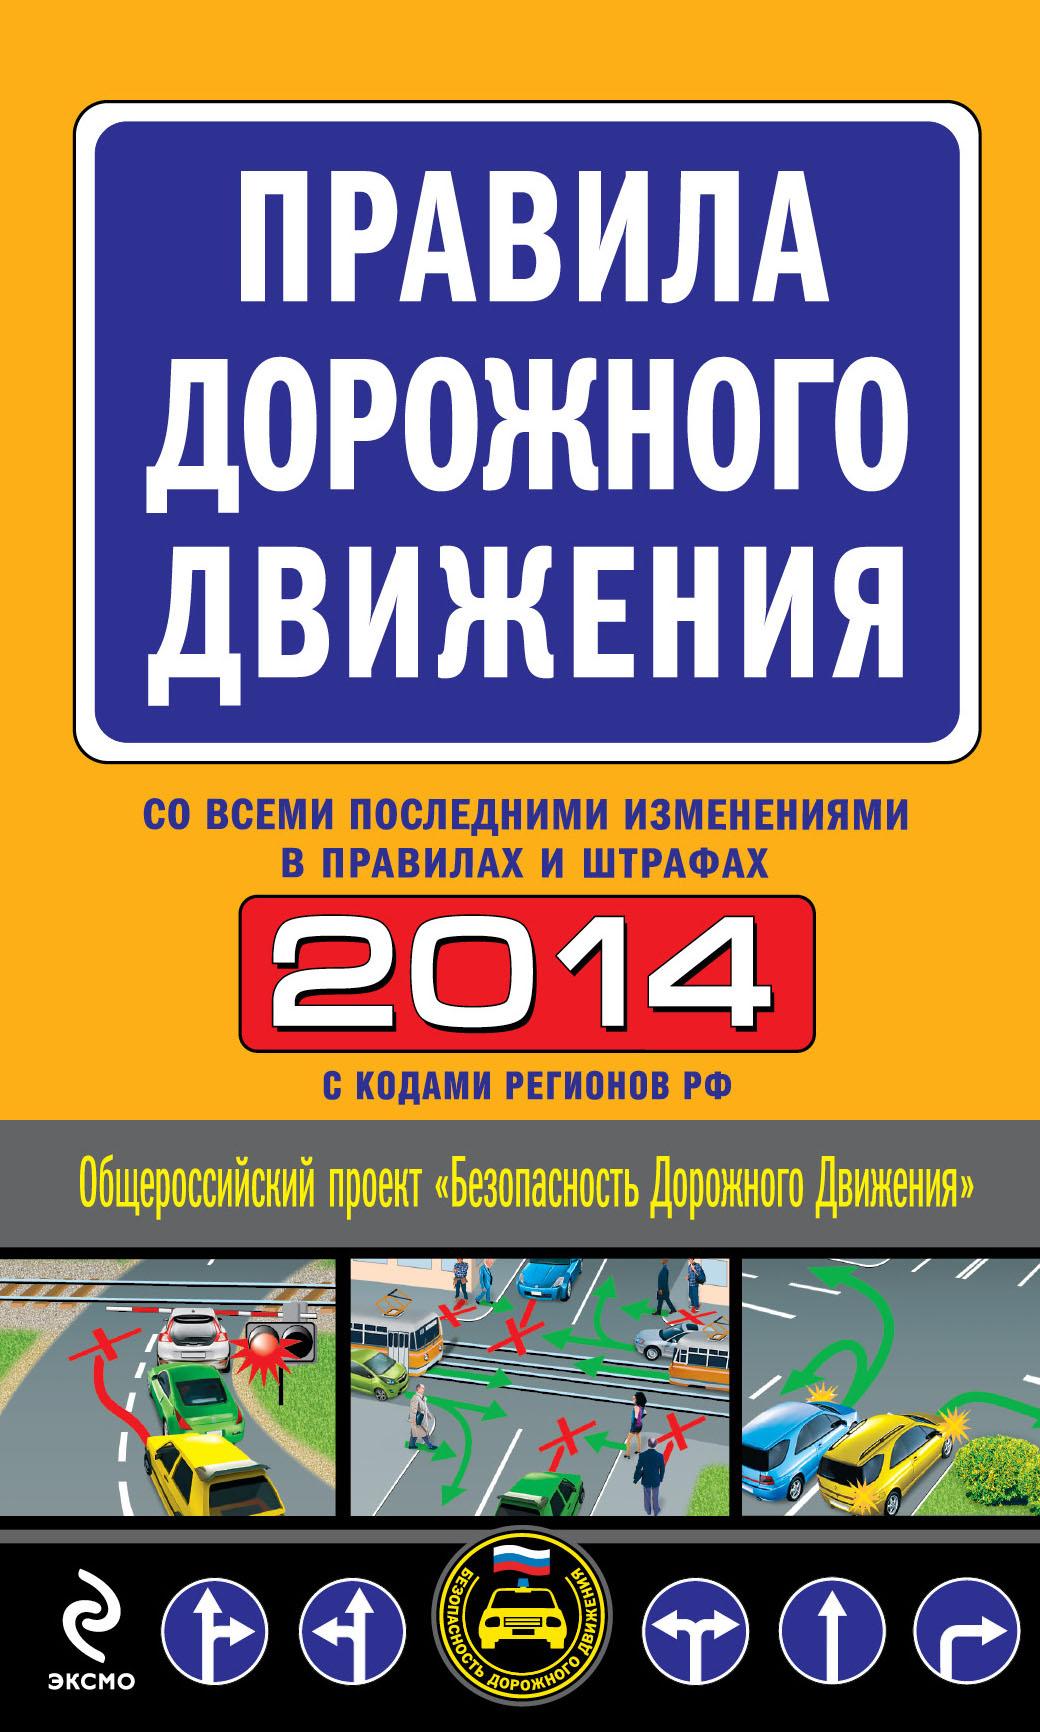 Правила дорожного движения 2014 (со всеми последними изменениями в правилах и штрафах)